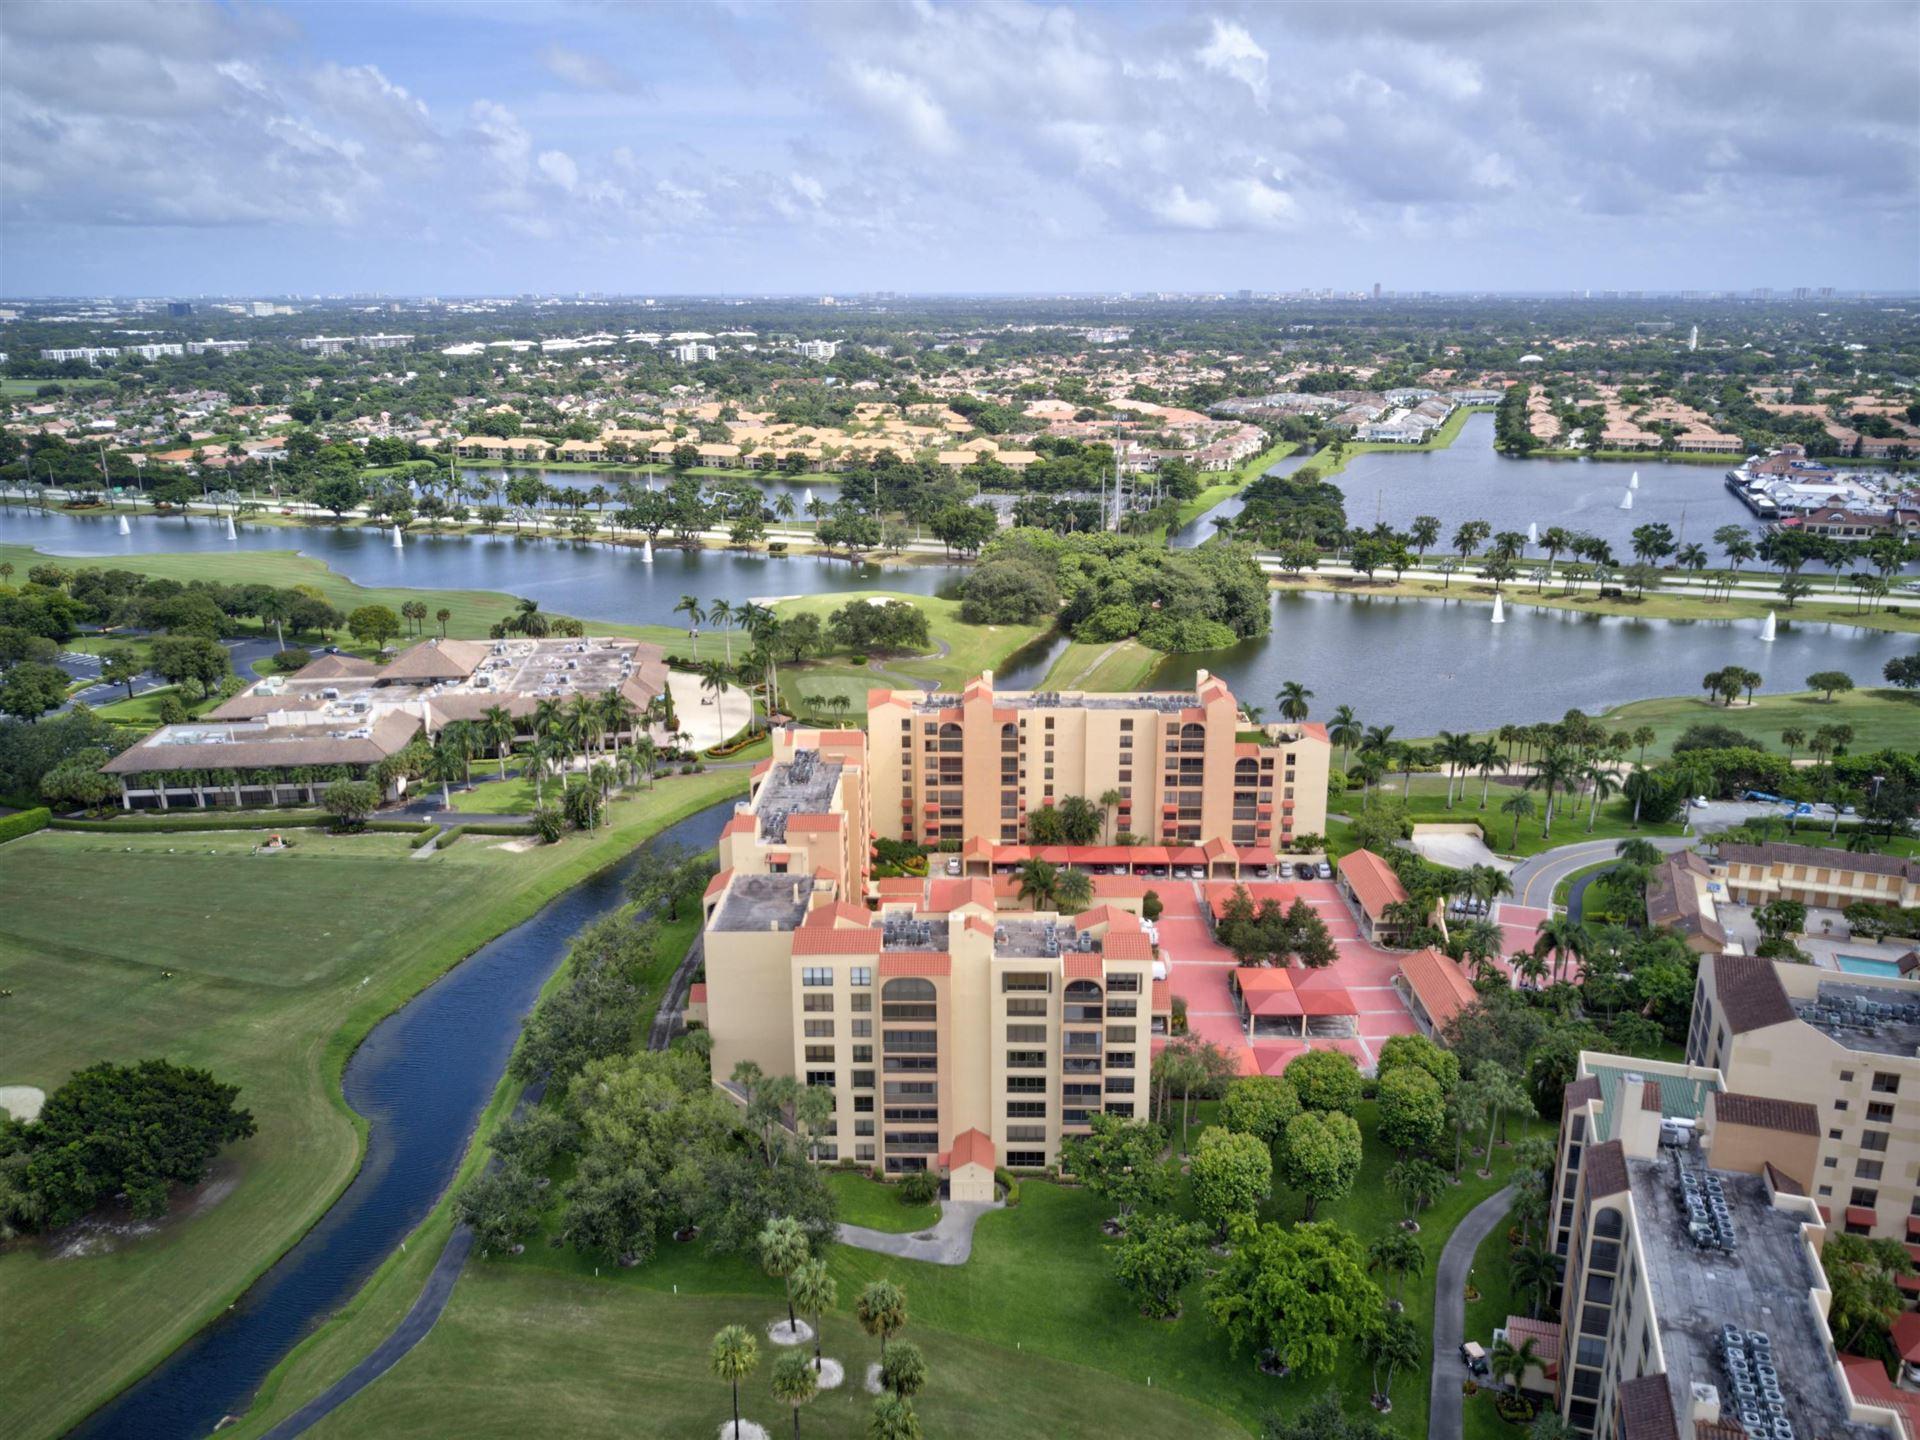 7129 Promenade Drive #402, Boca Raton, FL 33433 - #: RX-10661035